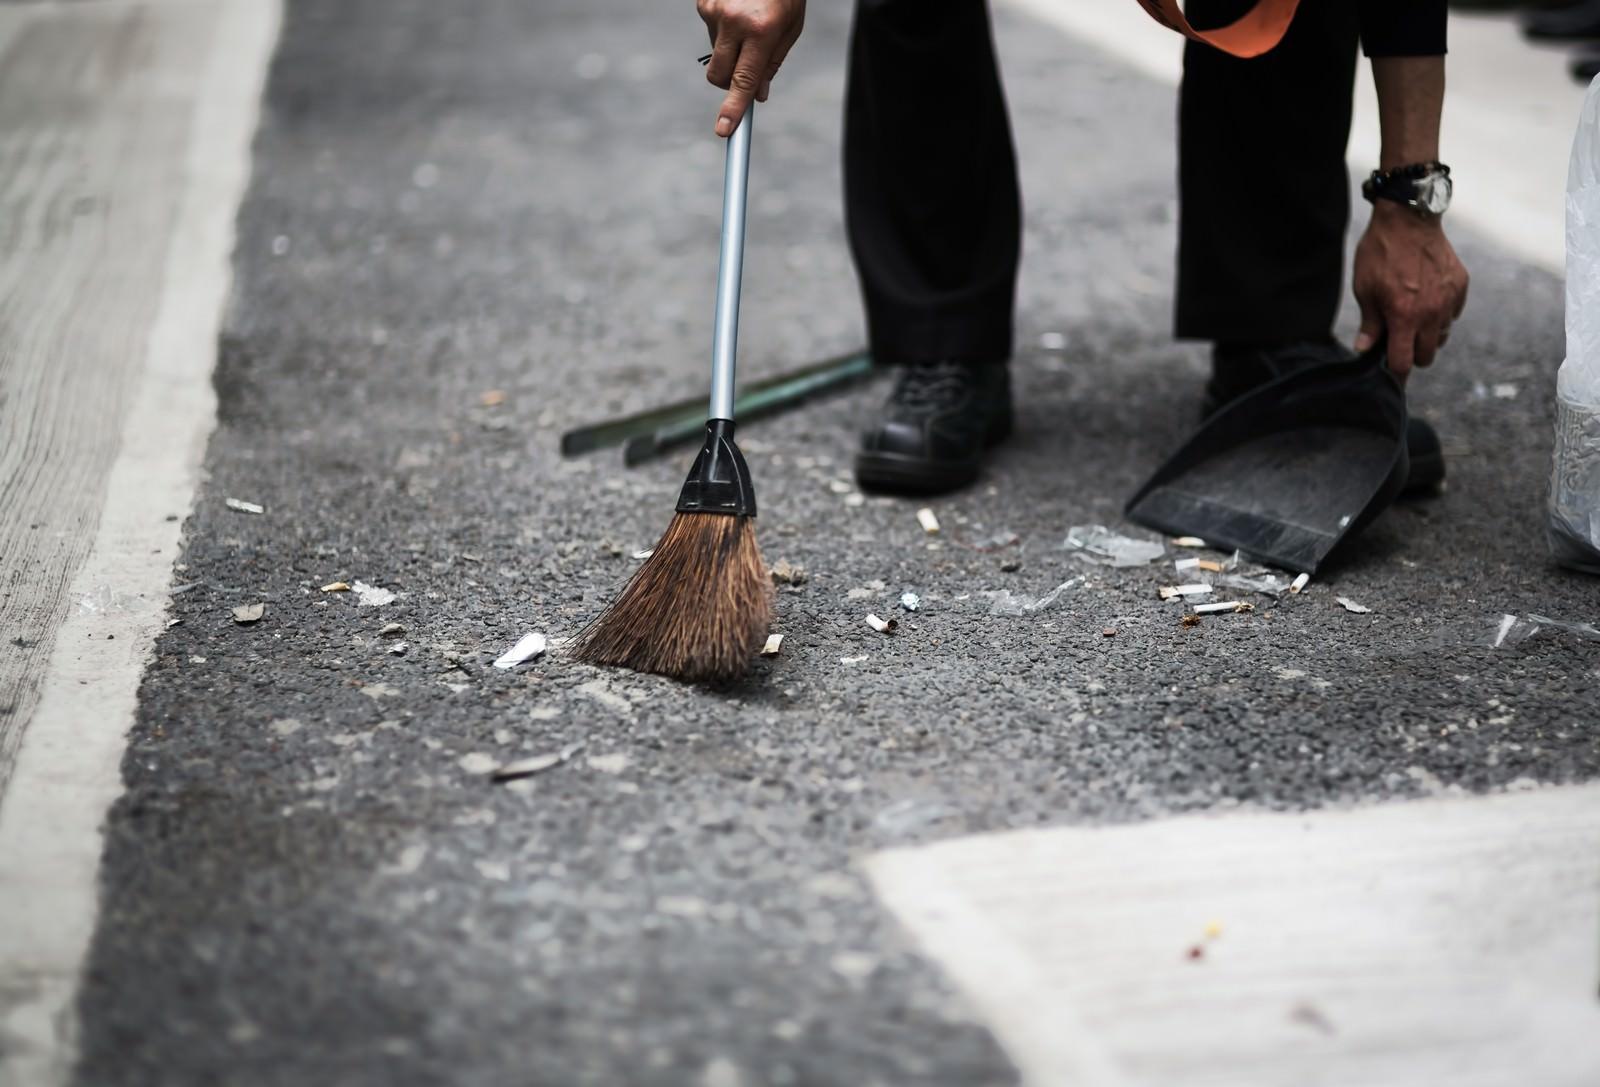 「渋谷の街をチリトリとホウキで清掃する人」の写真